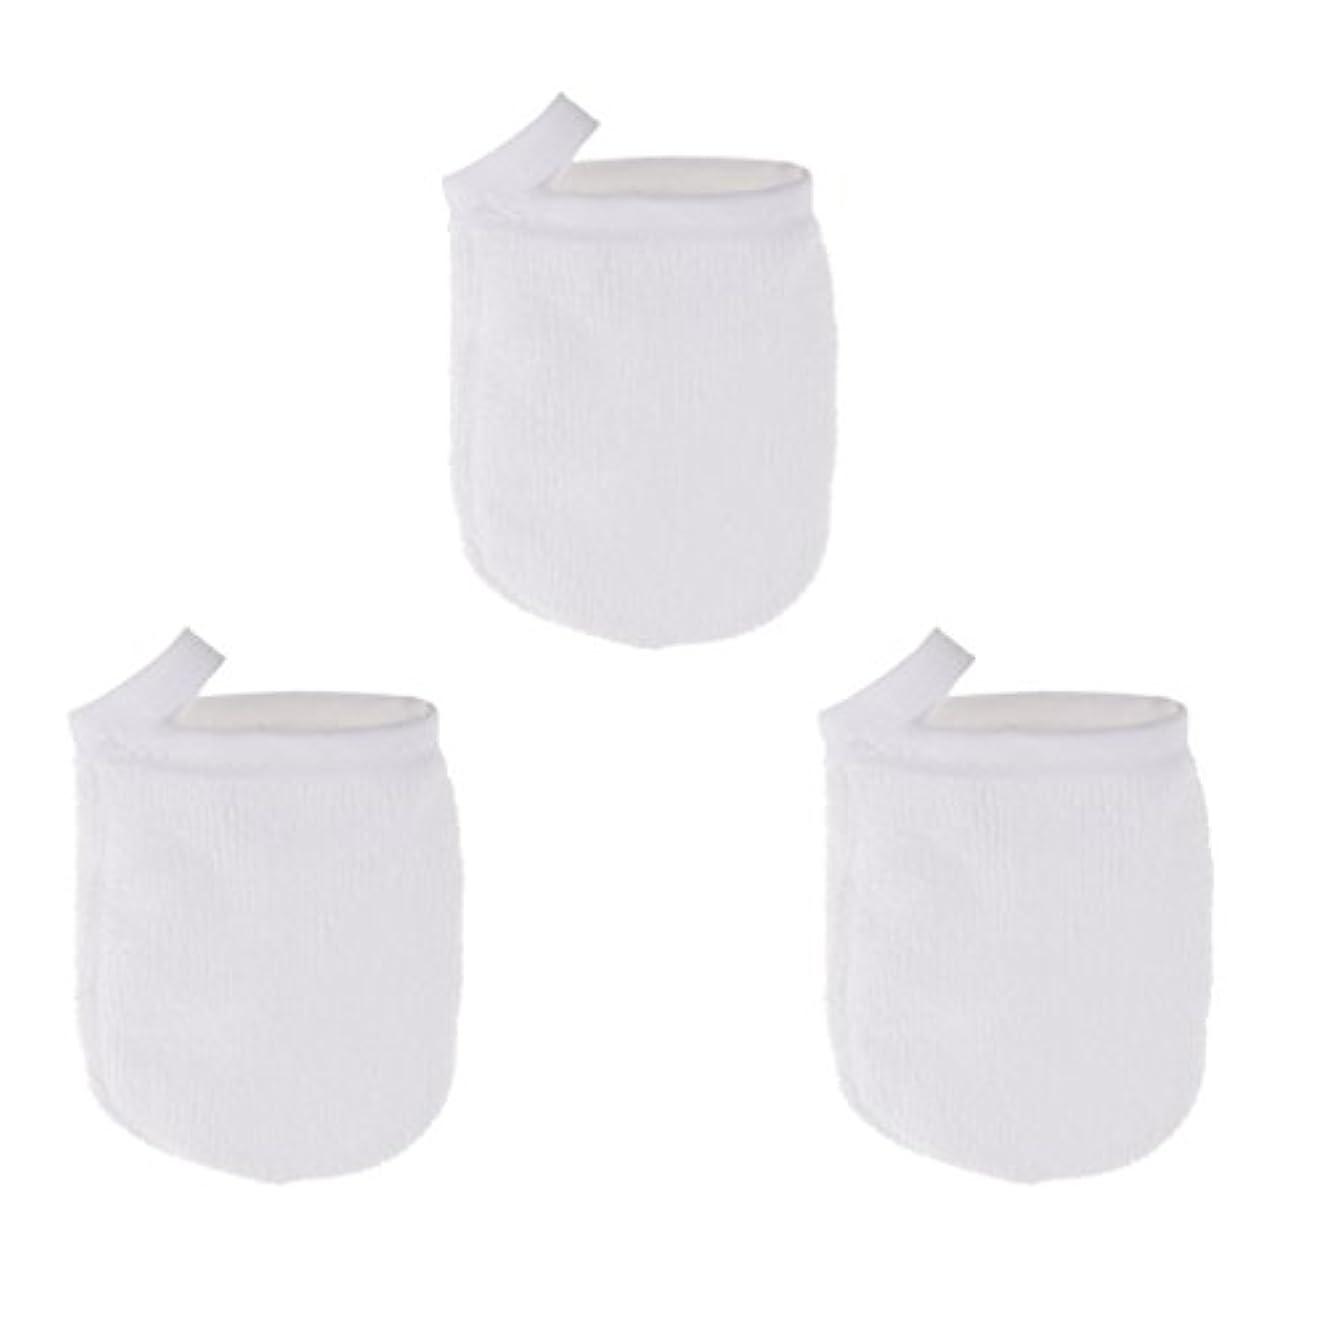 バドミントンジェット最愛のToygogo 洗顔グローブ 手袋 ソフト フェイスクレンジンググローブ メイクリムーバー スキンケア 3個